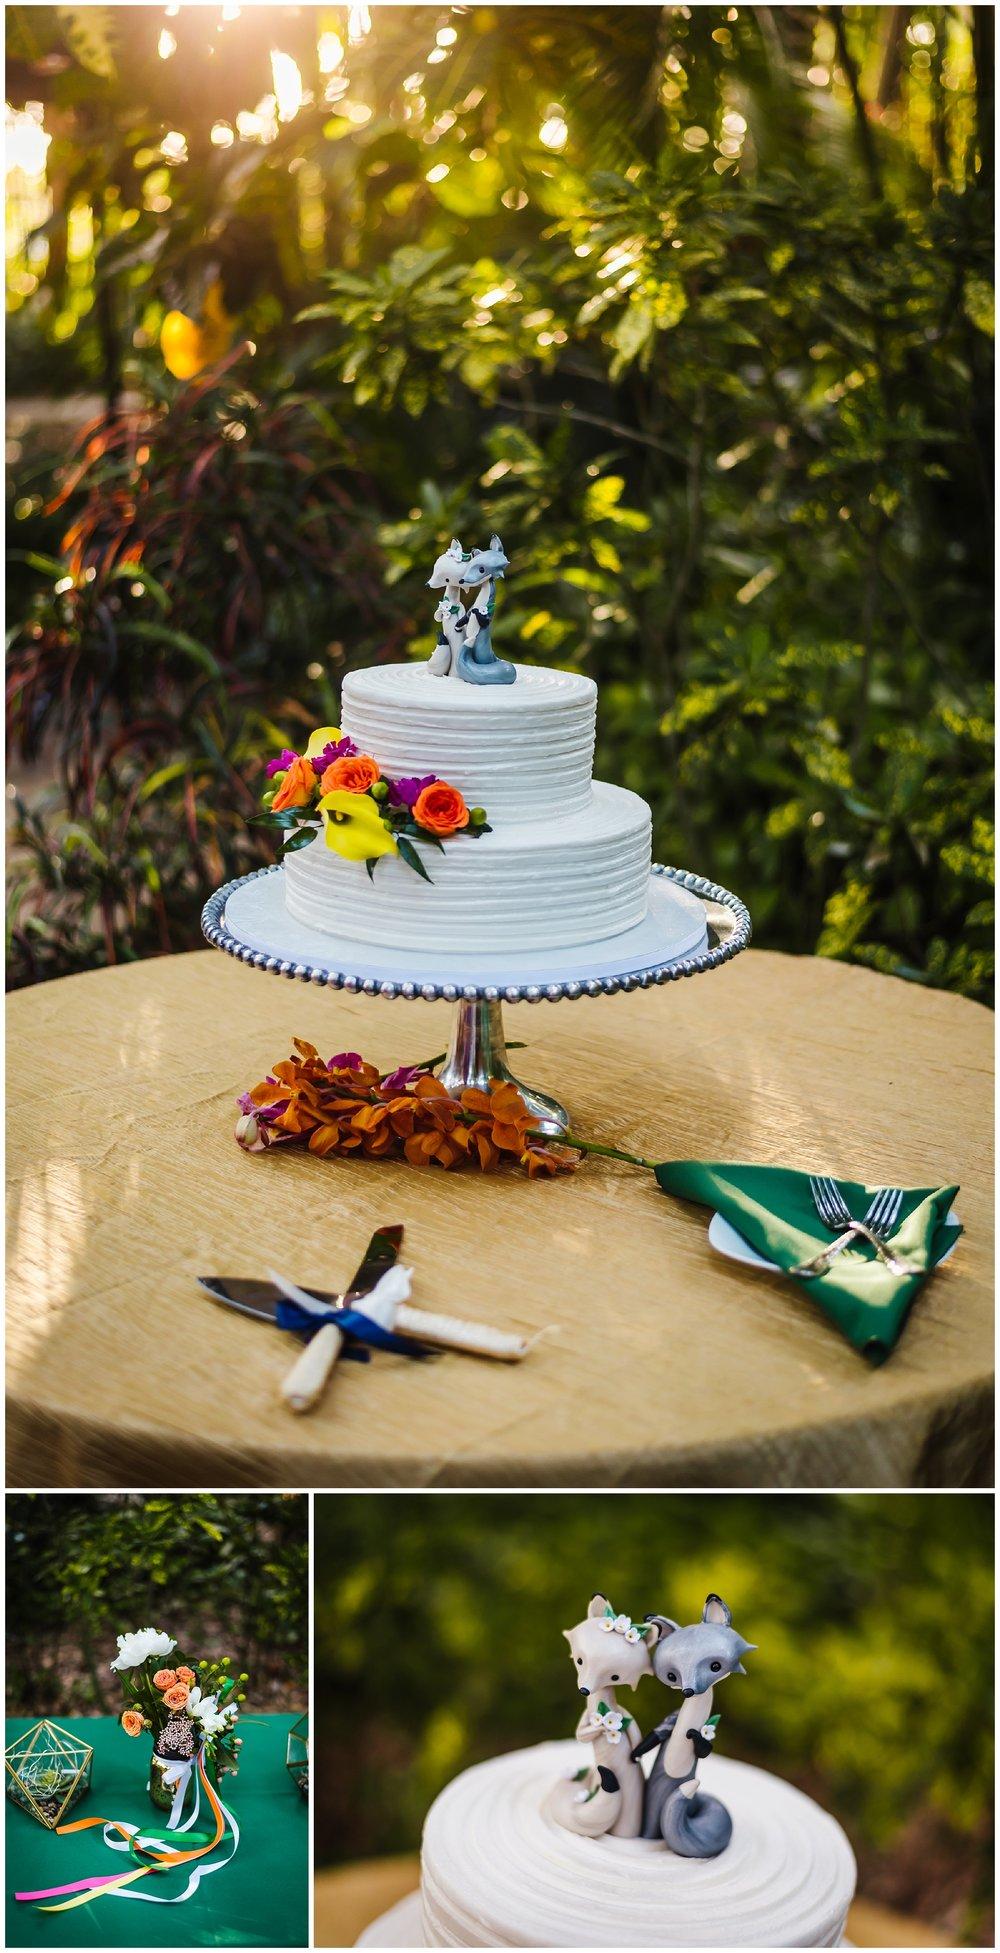 st-pete-wedding-photographer-post-card-inn-sunken-gardens-hawaiian-theme-dueling-pianos_0043.jpg